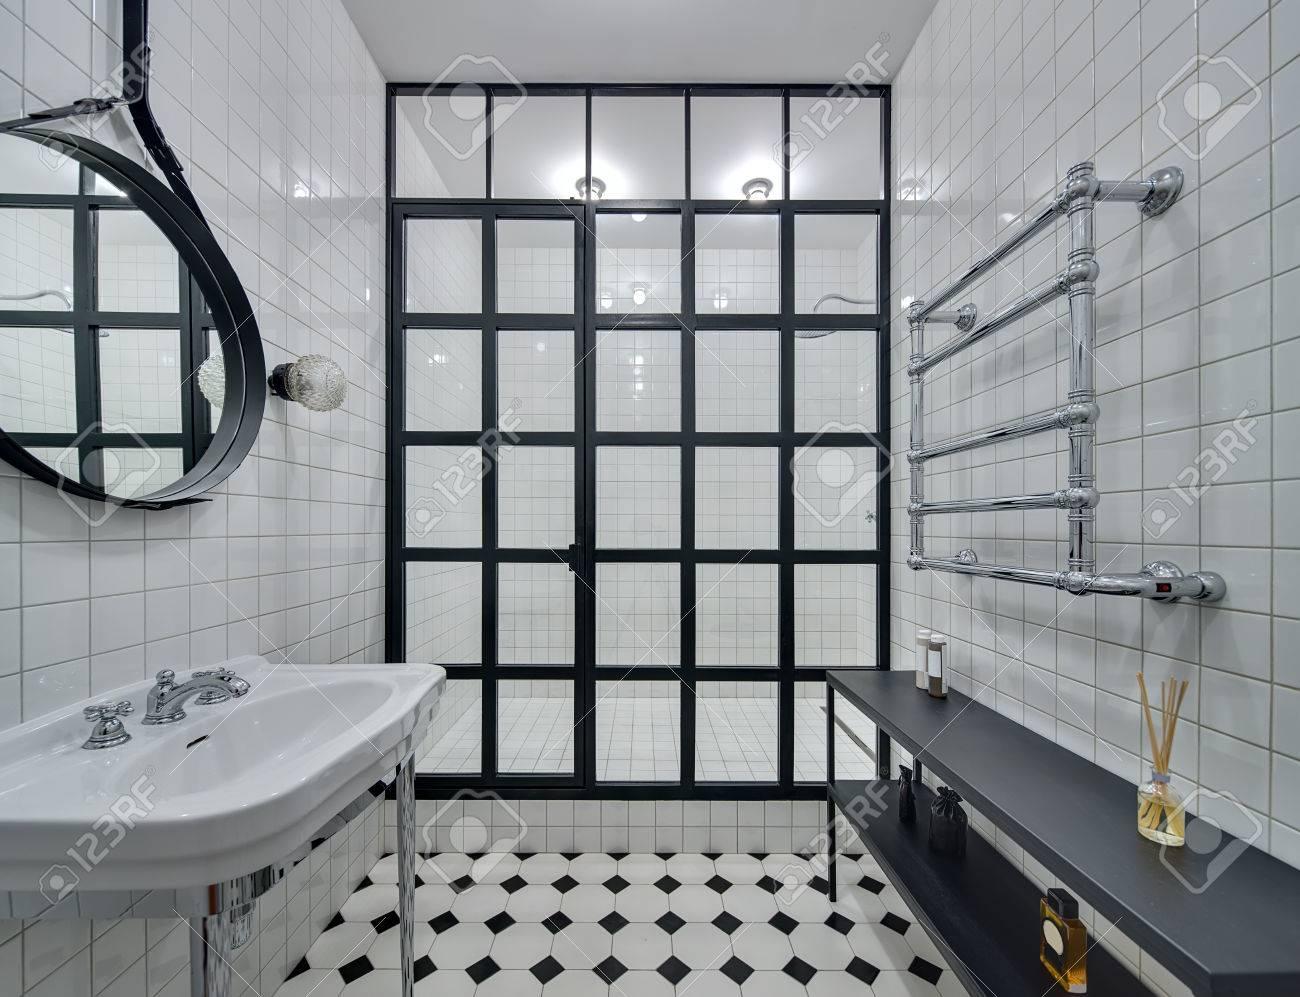 Immagini stock bagno con pareti di piastrelle bianche. cè bianco